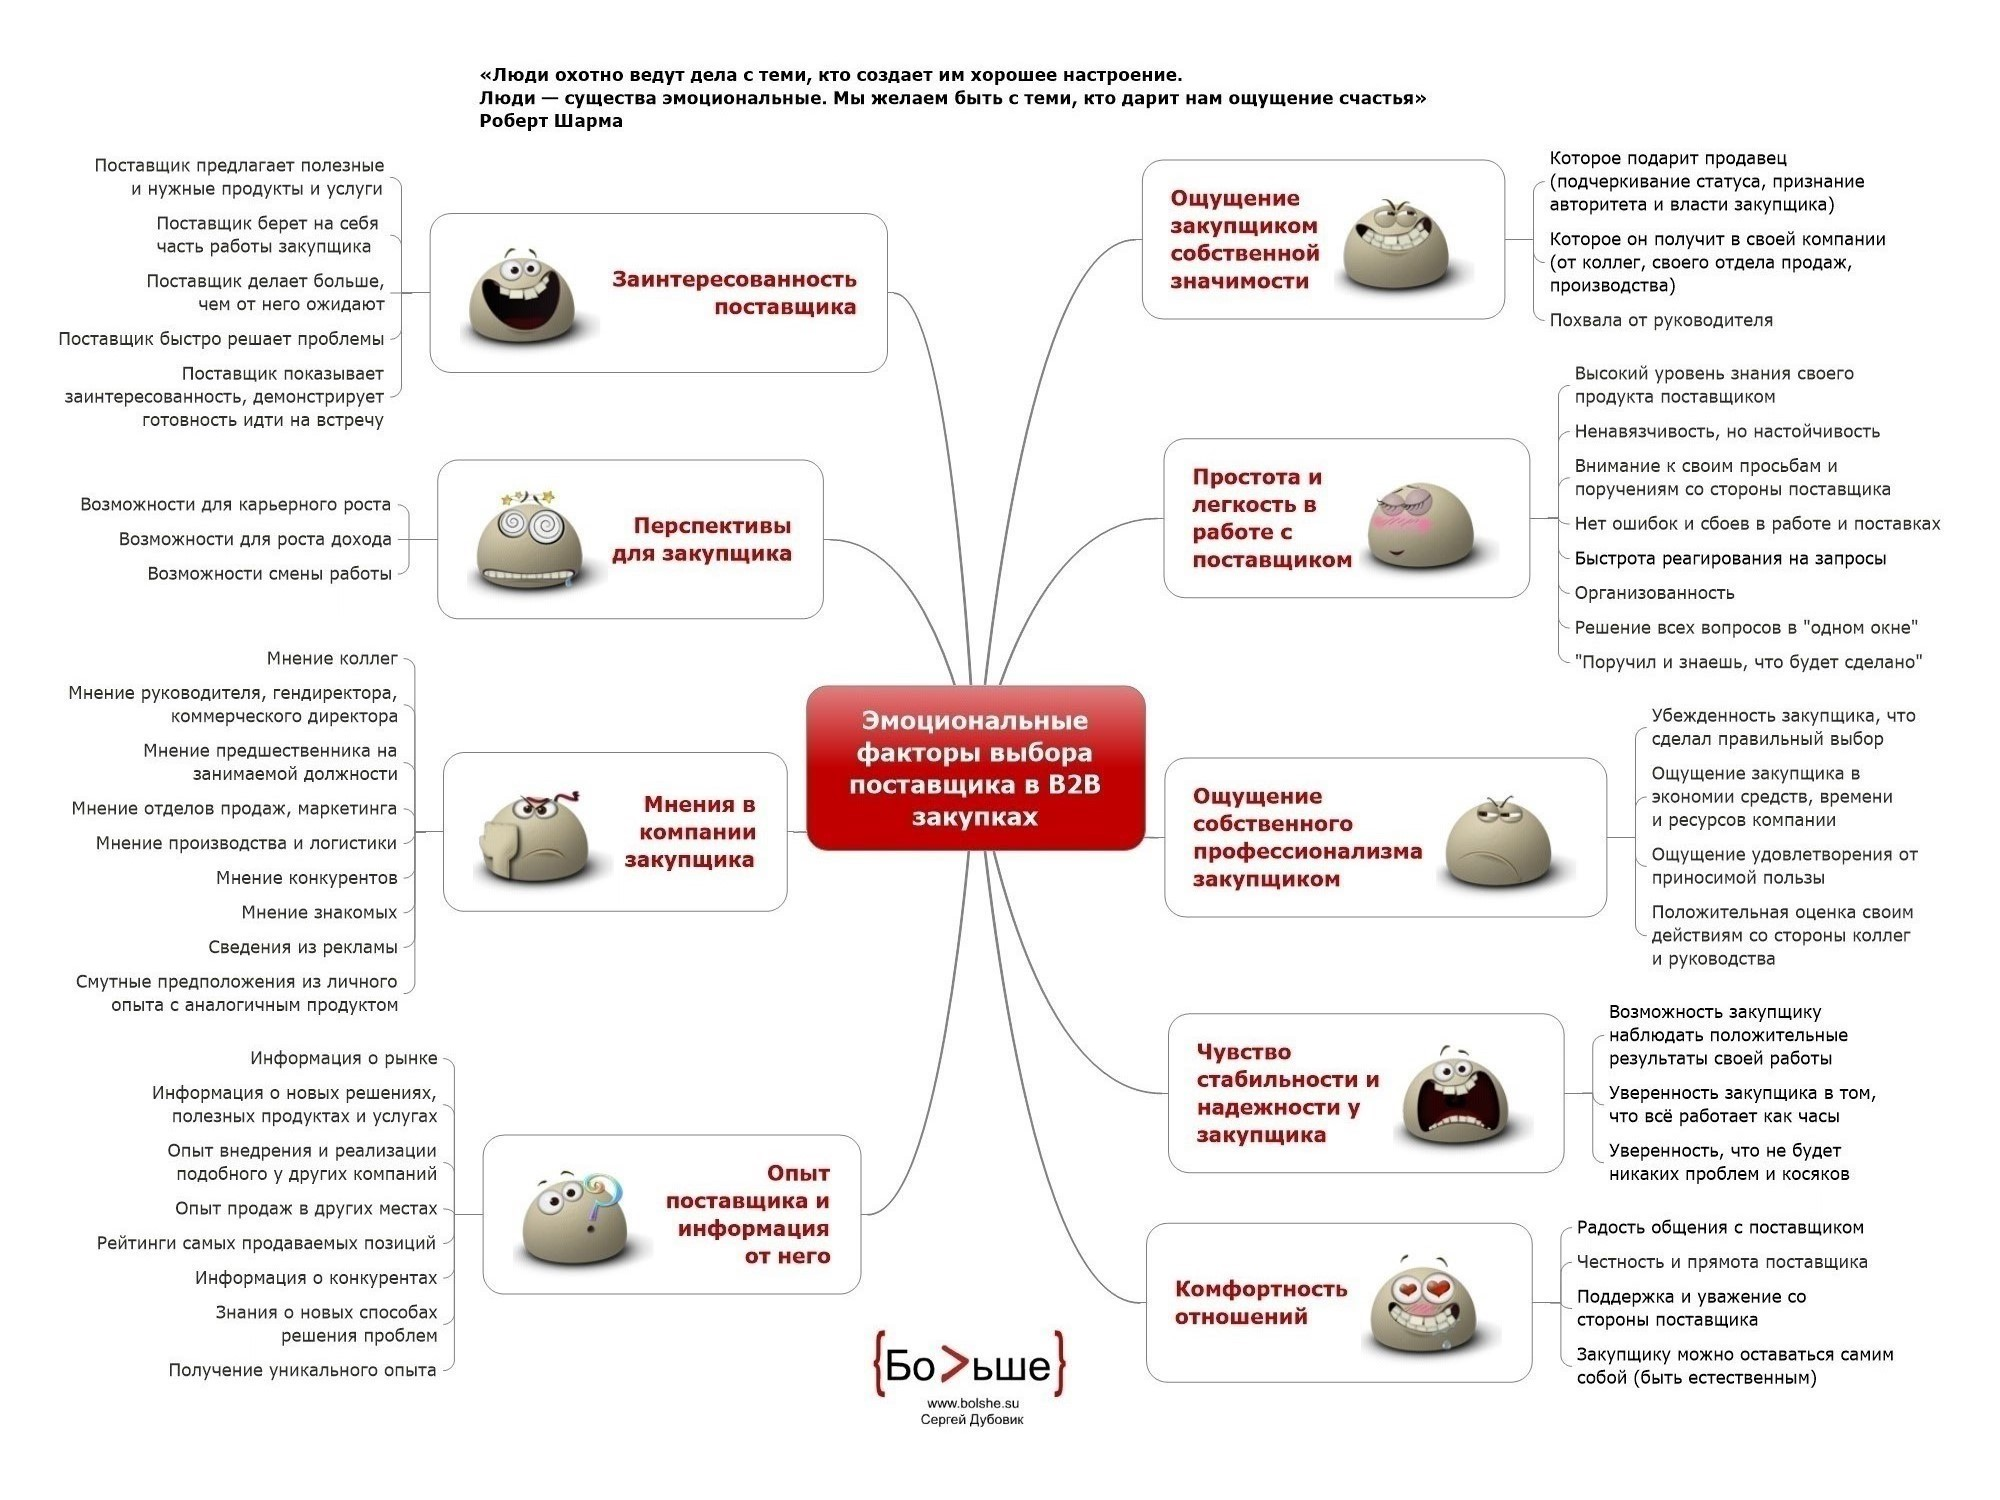 Эмоциональные факторы выбора поставщика в B2B продажах